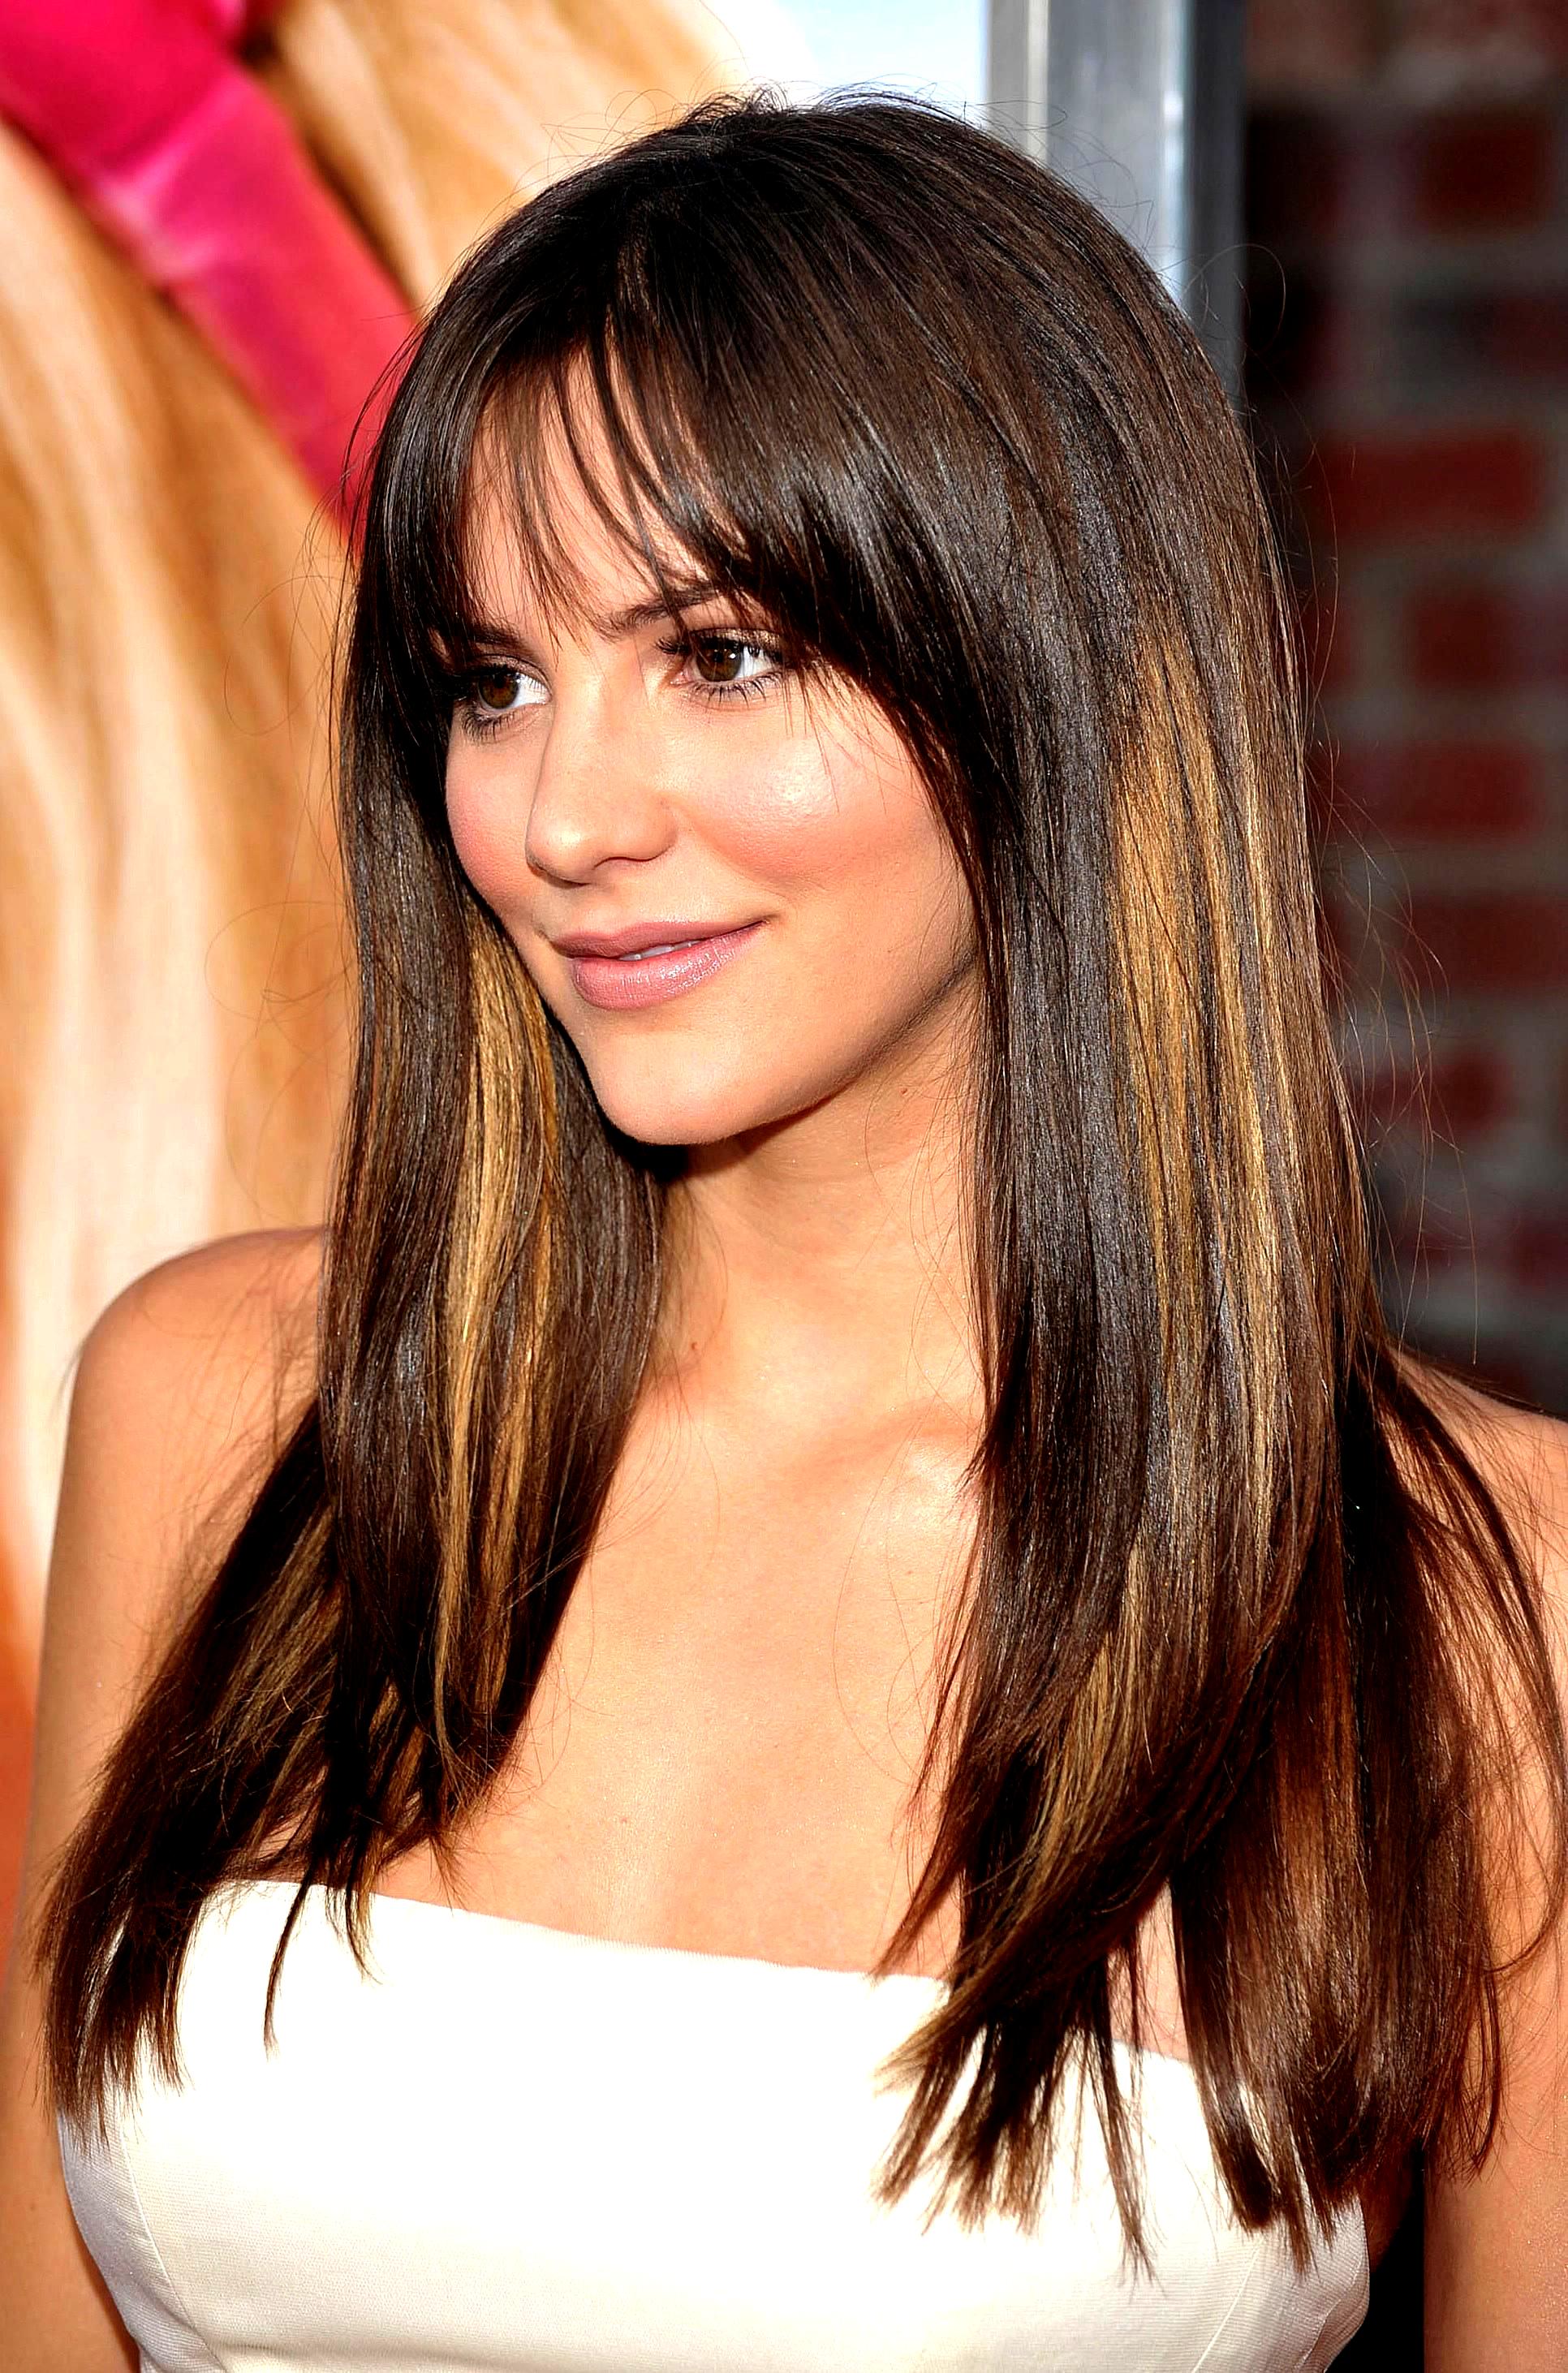 30 Schone Brotchen Modell Frisur Brotchen Frisuren Sie Konnen Diese Brioche Modelle Proble Frisuren Rundes Gesicht Haarschnitt Rundes Gesicht Lange Haare